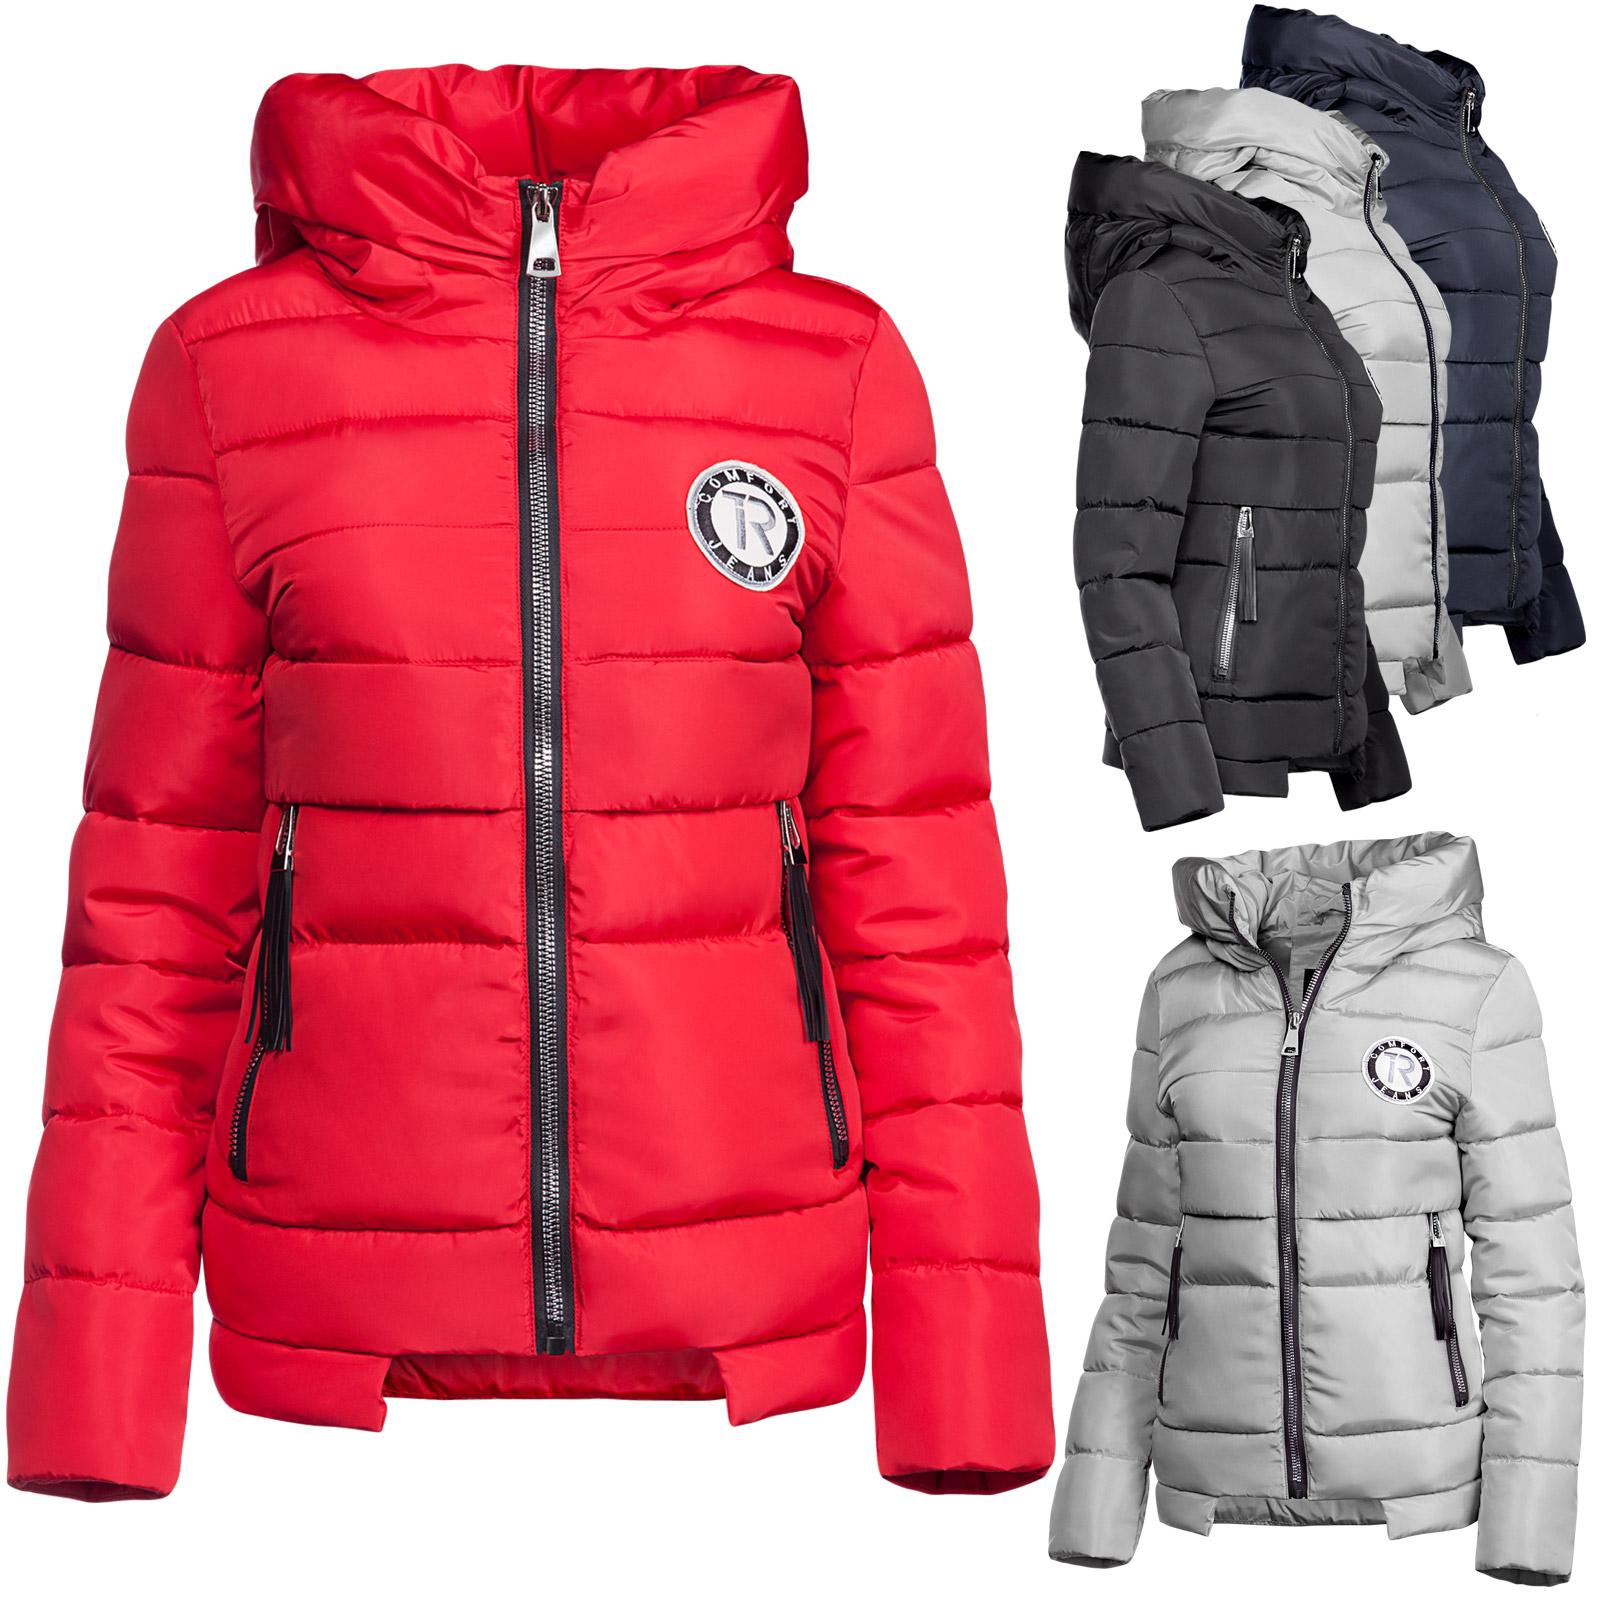 Winter Ski Jacke Stepp Trisens Damen Jacken Mode v78Fqw5nx